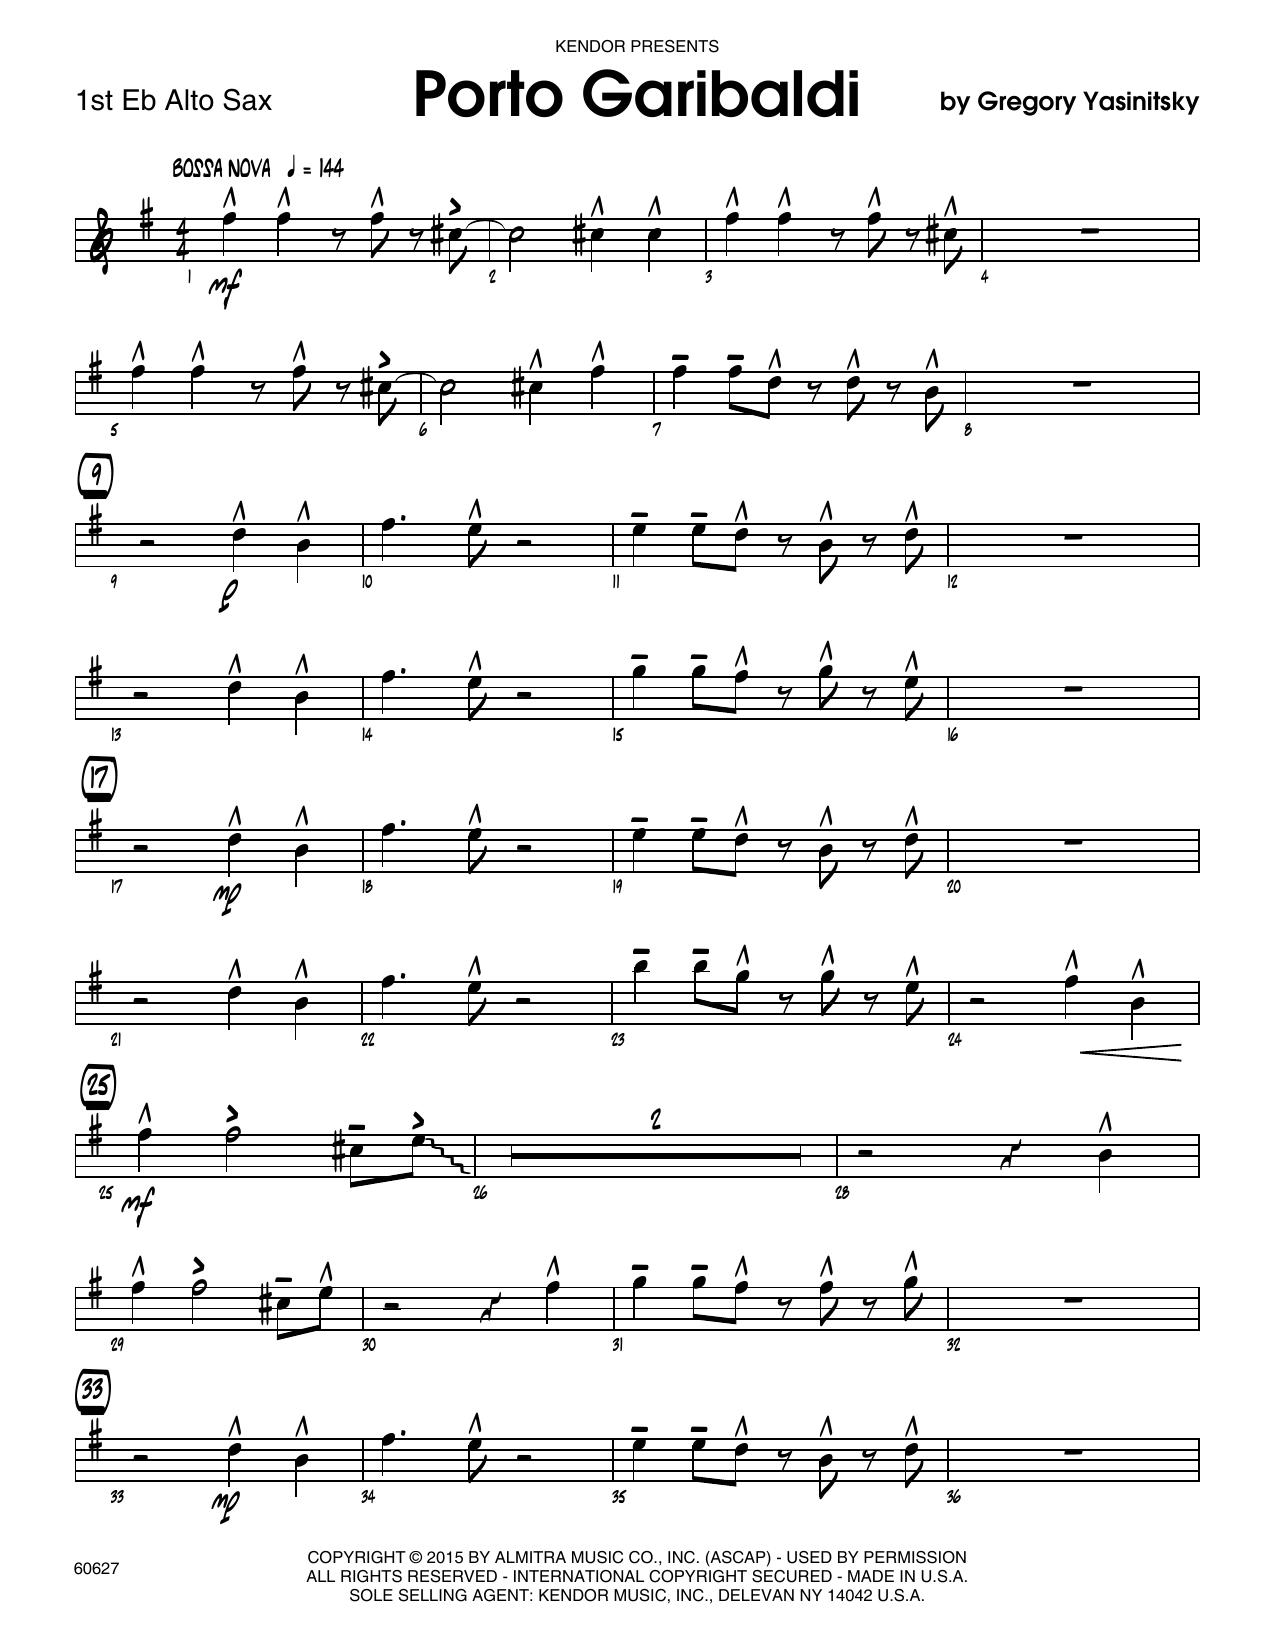 Porto Garibaldi - 1st Eb Alto Saxophone Sheet Music